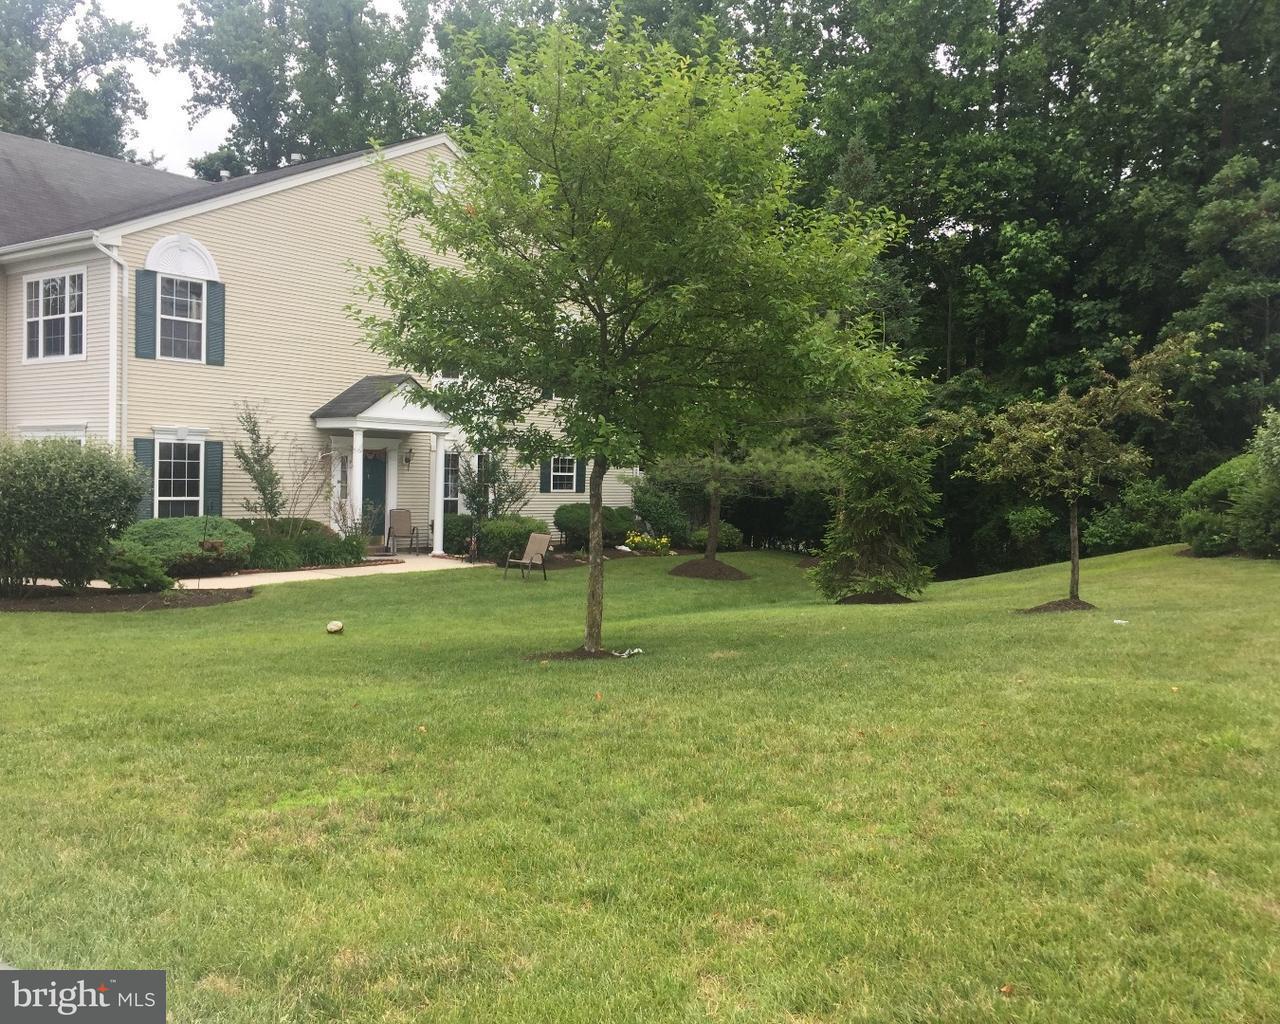 独户住宅 为 出租 在 101 WALDORF Drive 普林斯顿, 新泽西州 08540 美国在/周边: South Brunswick Township